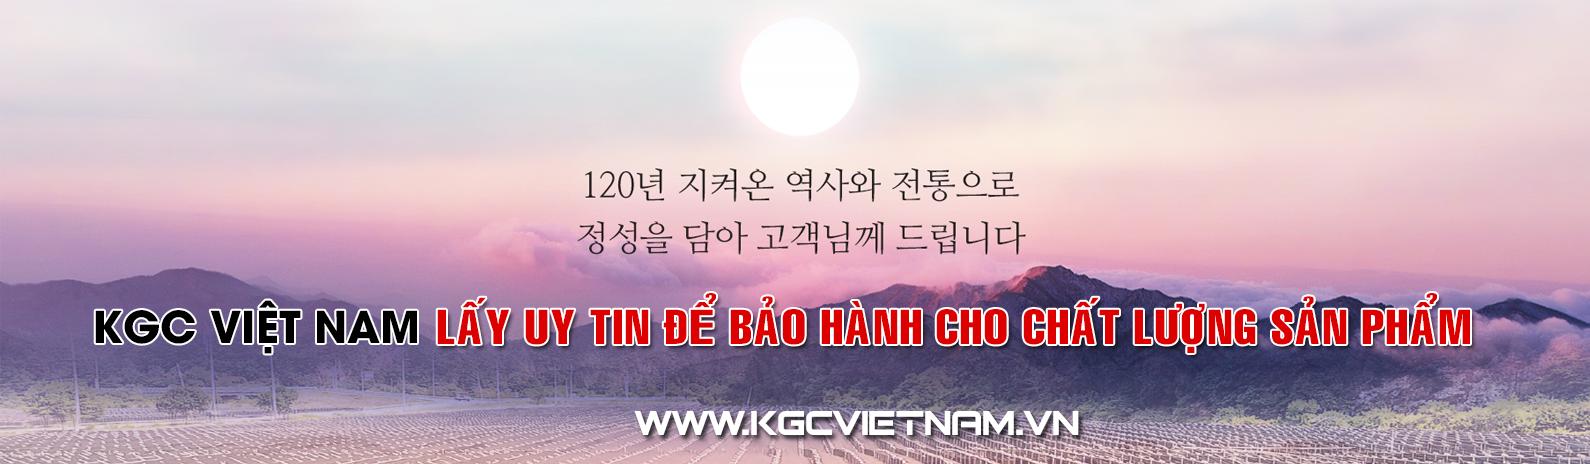 banner cam kết với khách hàng của kgc việt nam